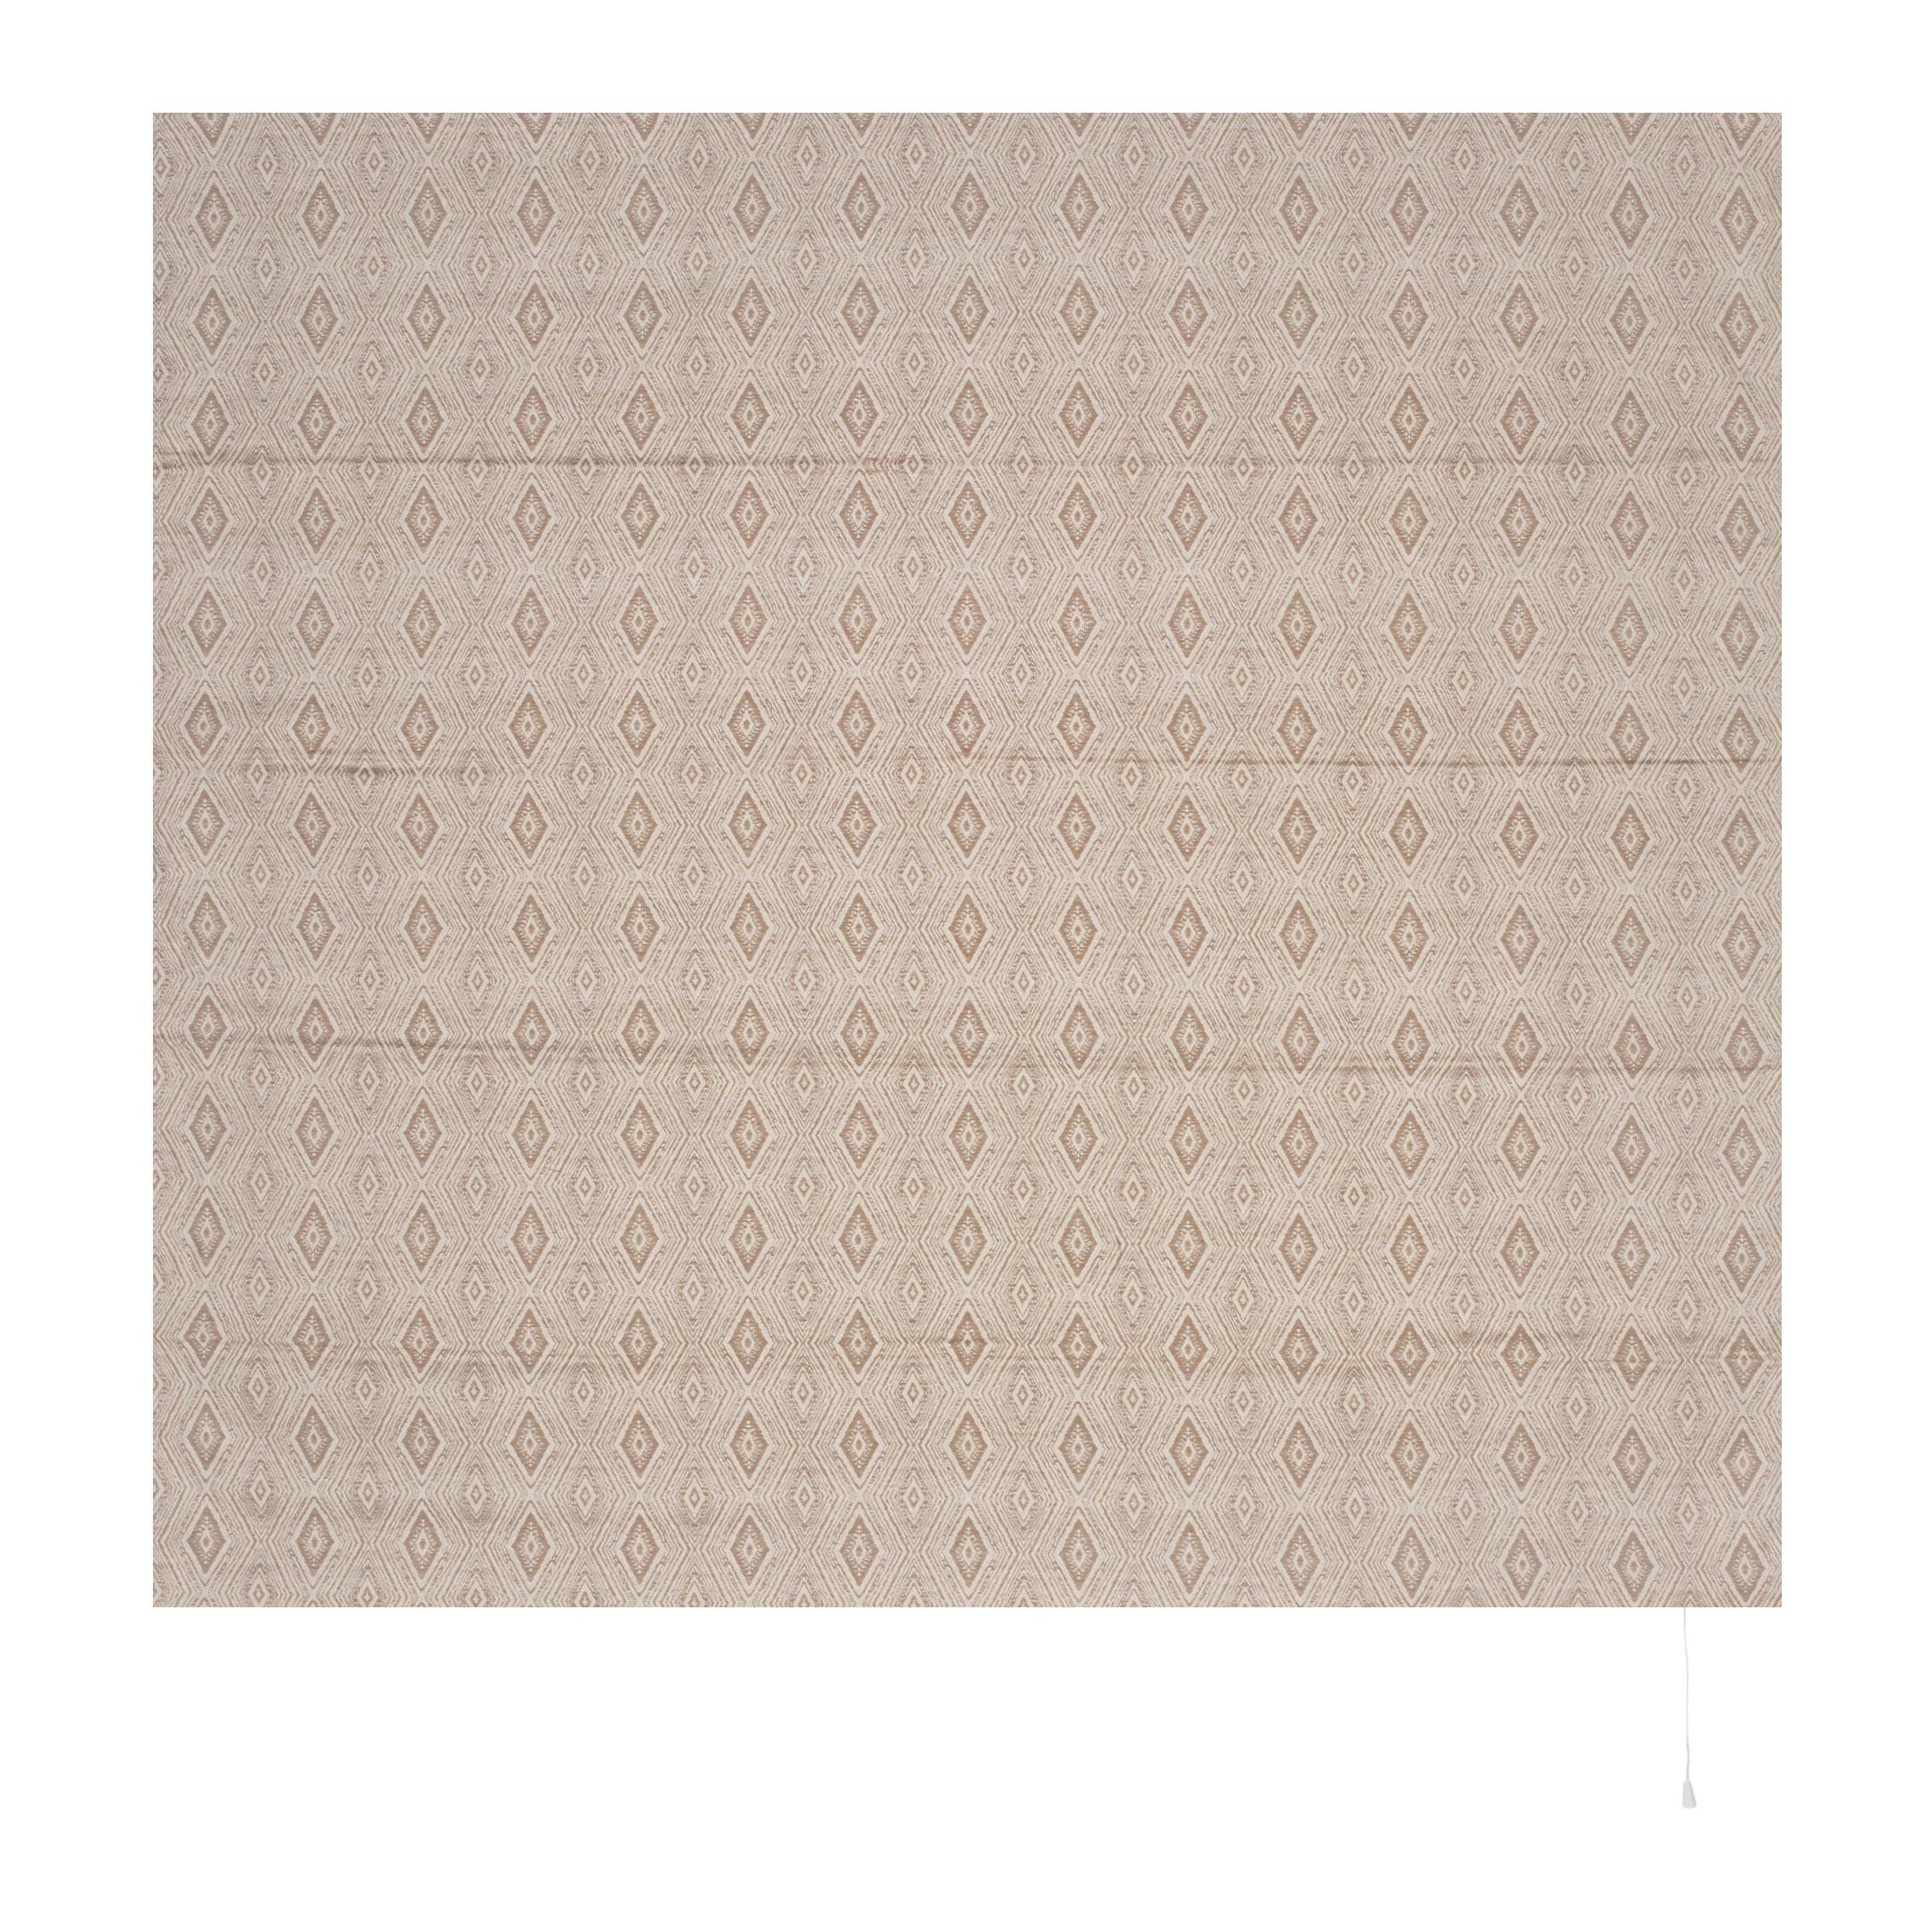 Штора римская Сафари 140х160 см бежевый штора римская сафари 60х160 см бежевый